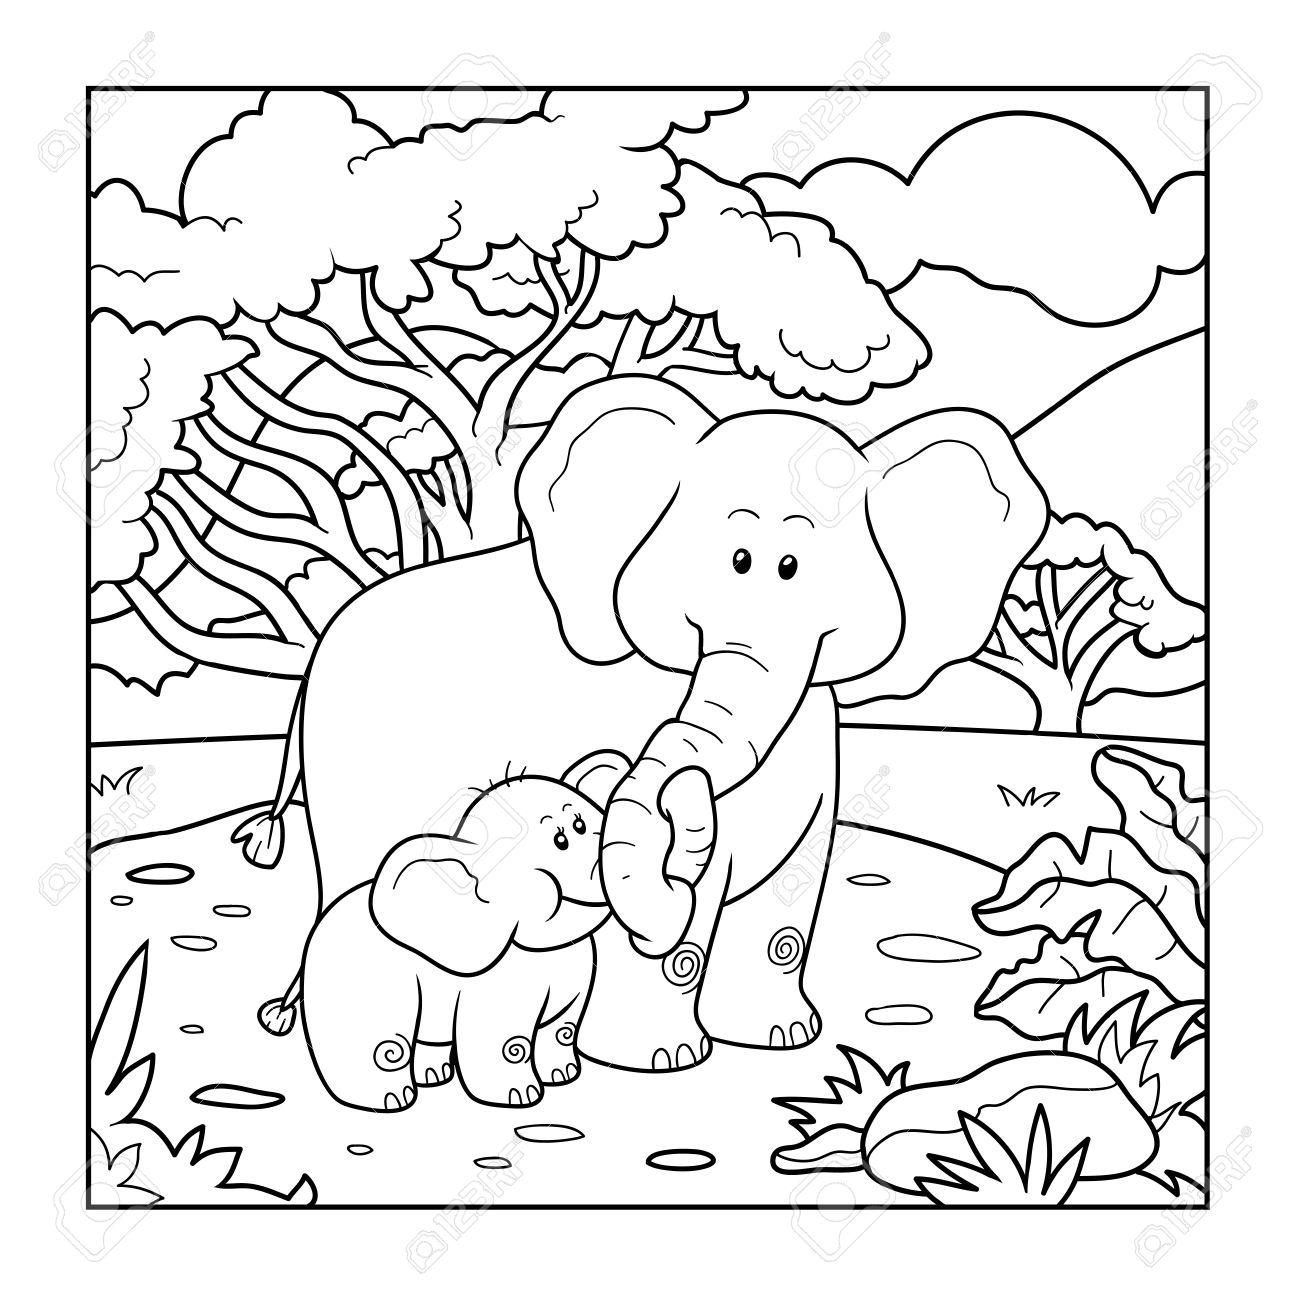 çocuk Ve Hayvan Resimleri Boyama Sayfaları çocuklar Için Boyama